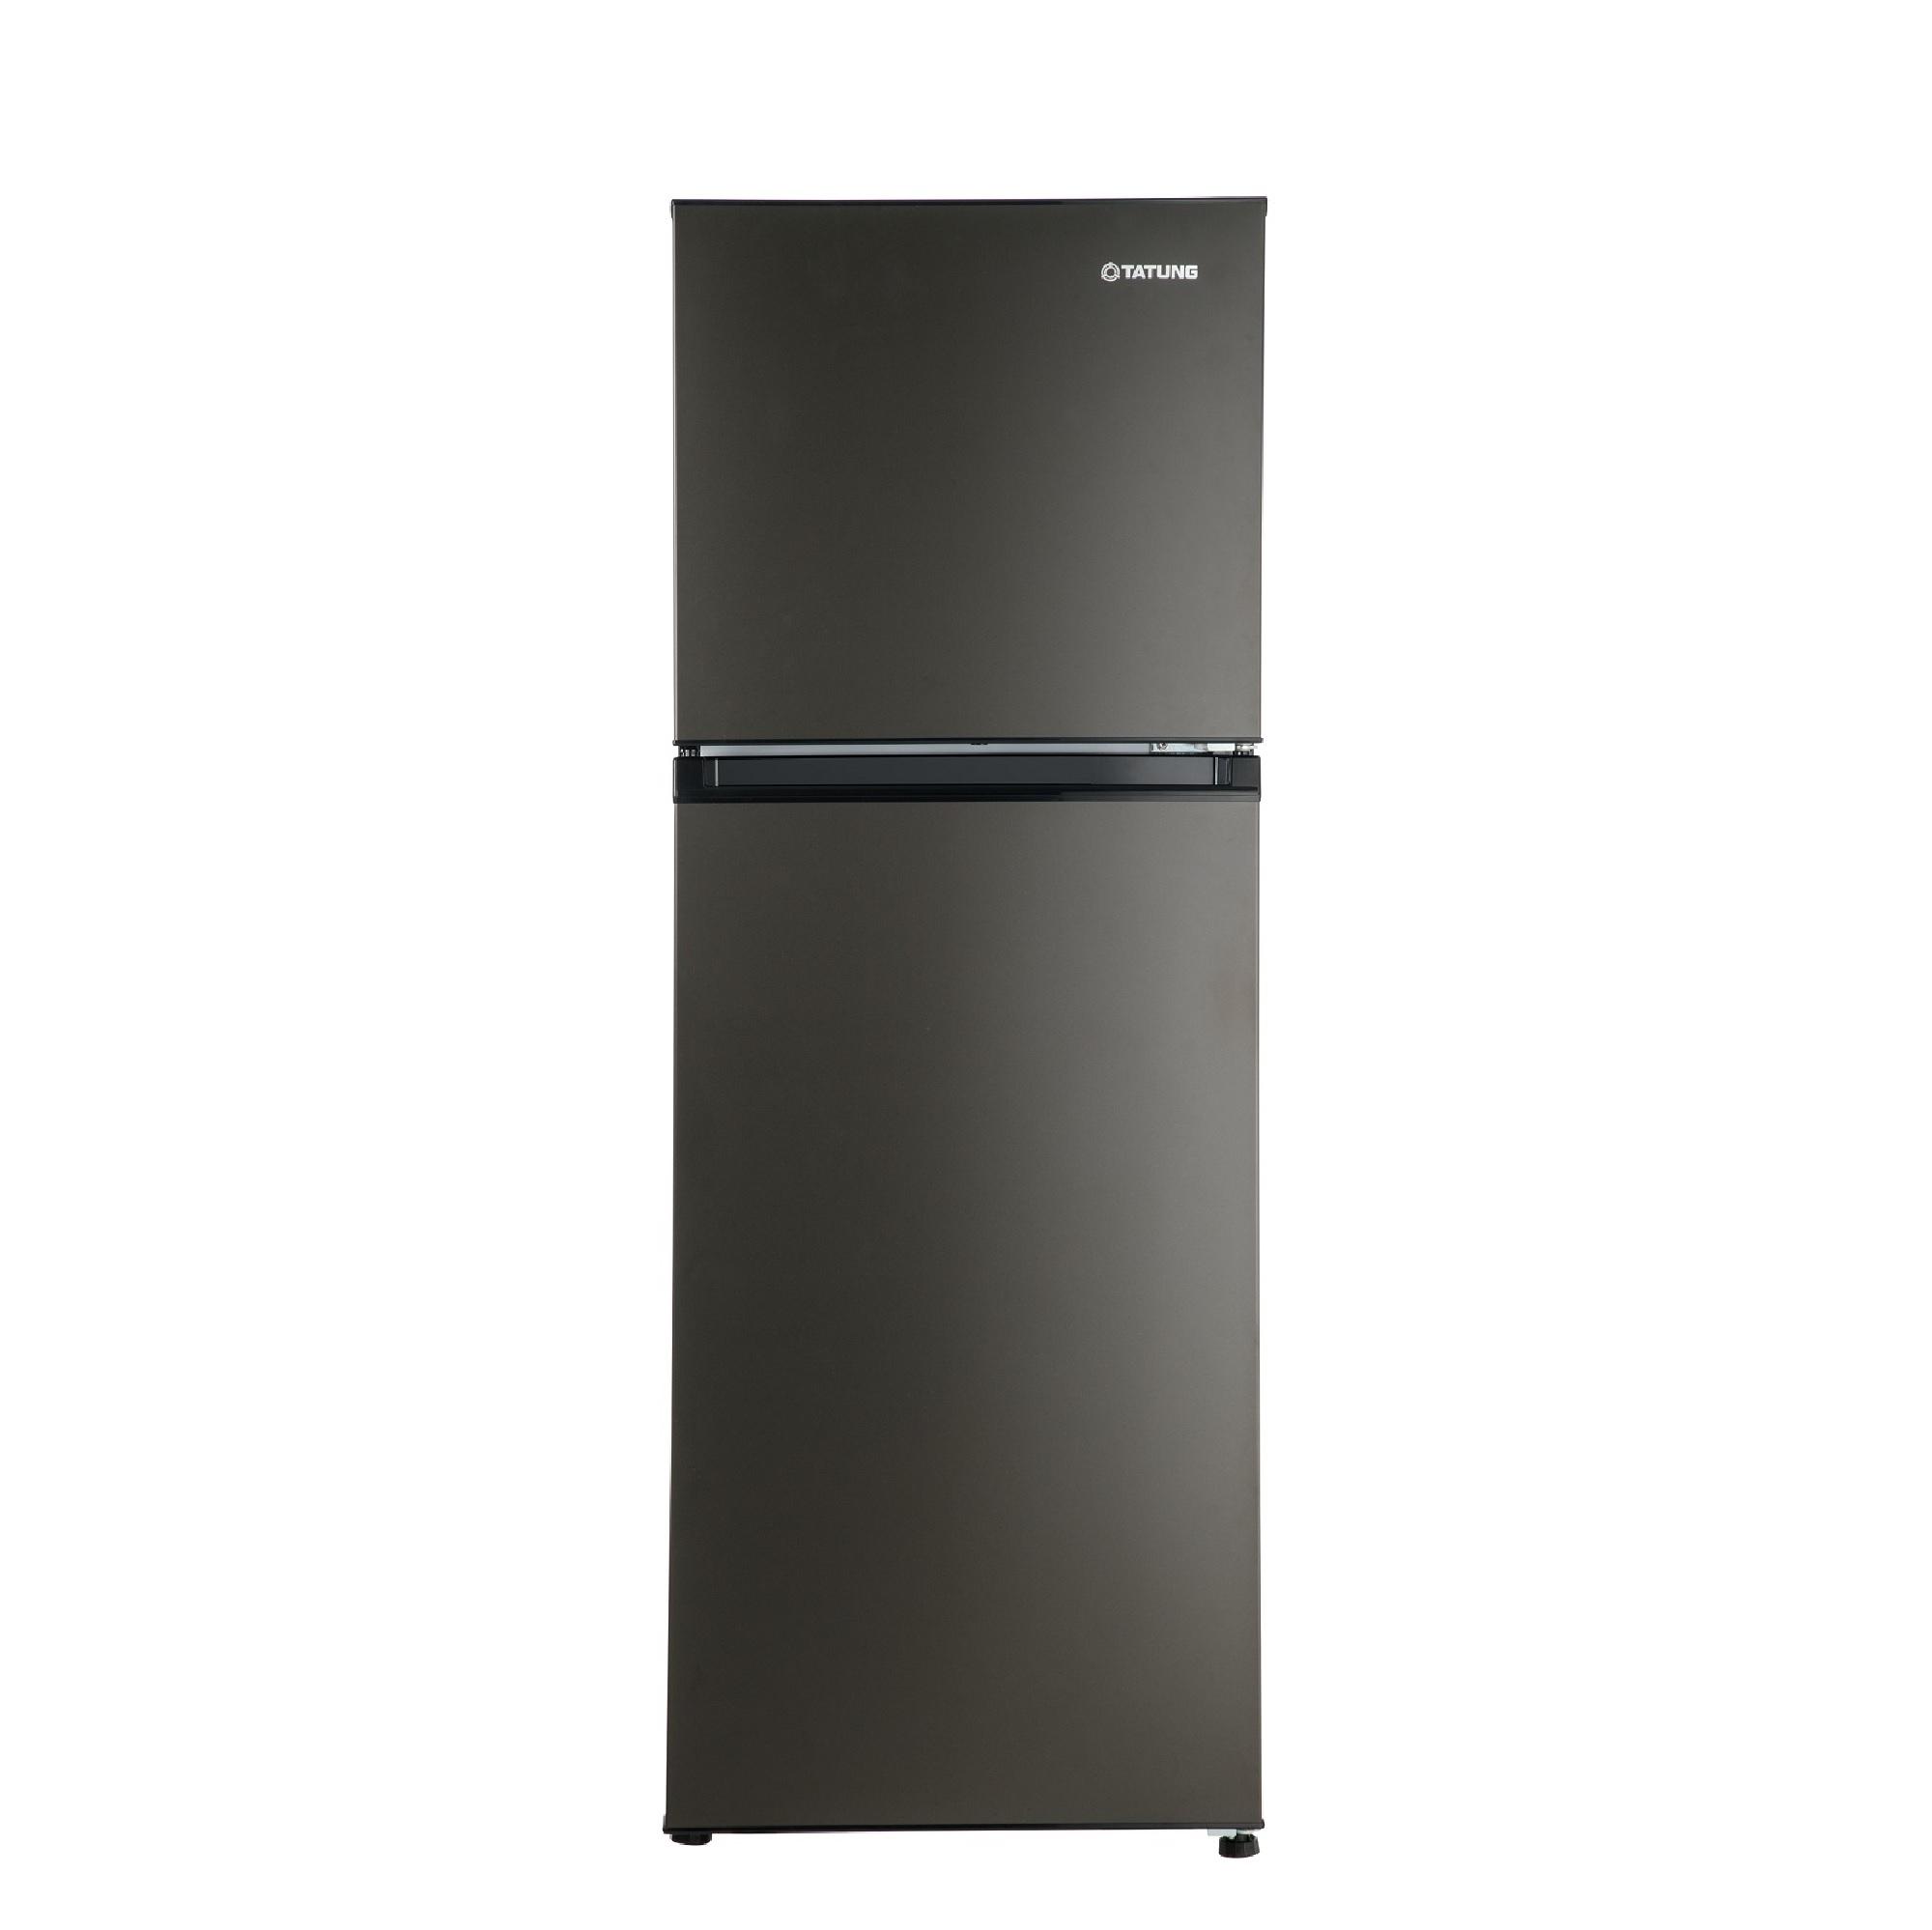 大同310L變頻雙門冰箱(黑)